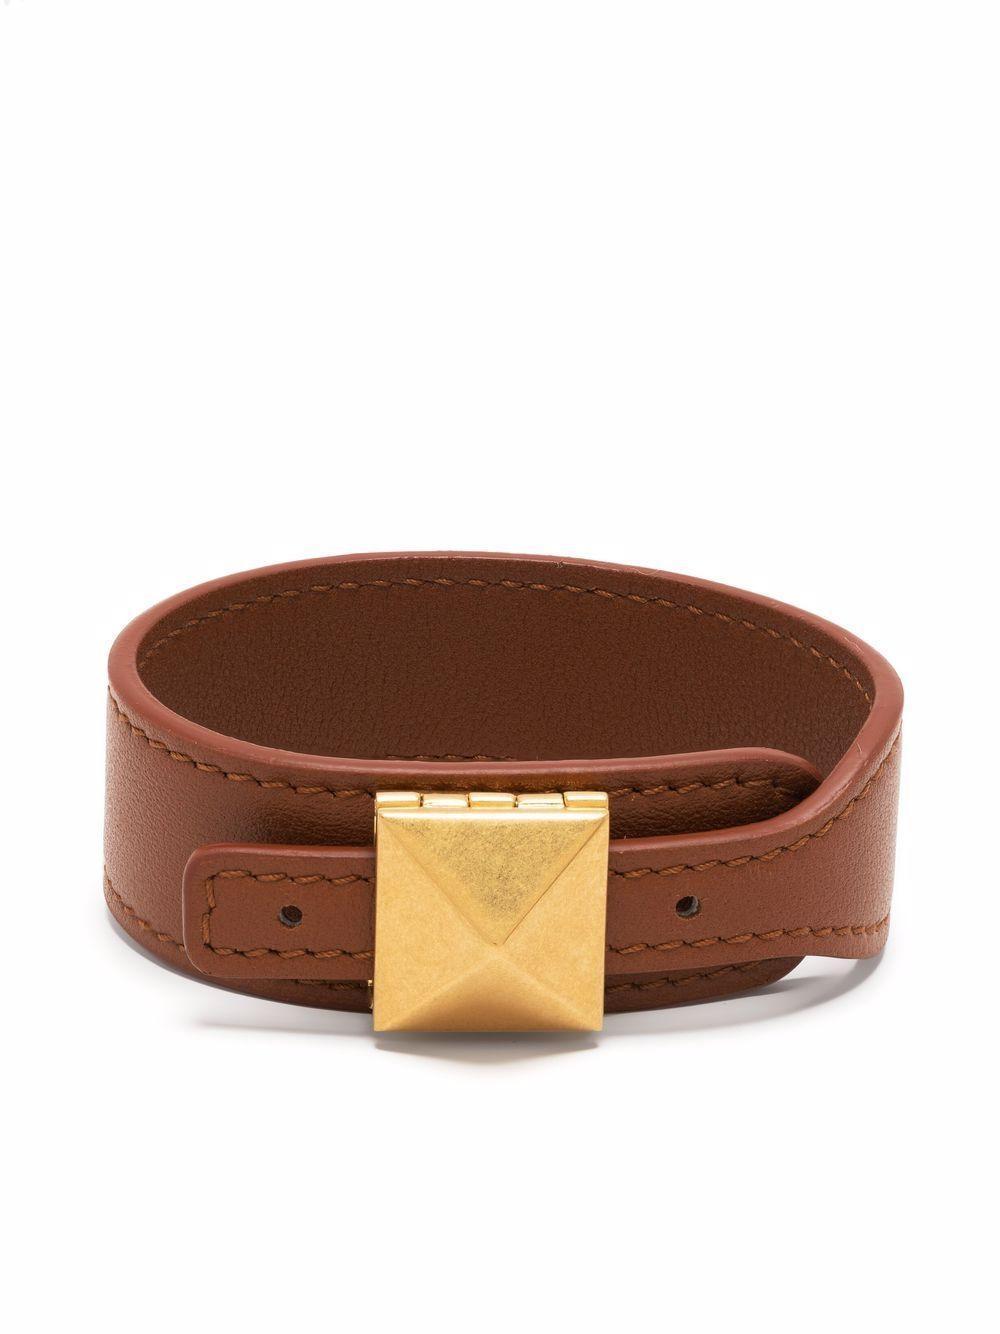 Rockstud Leather Bracelet Item # WW2J0P08GZN